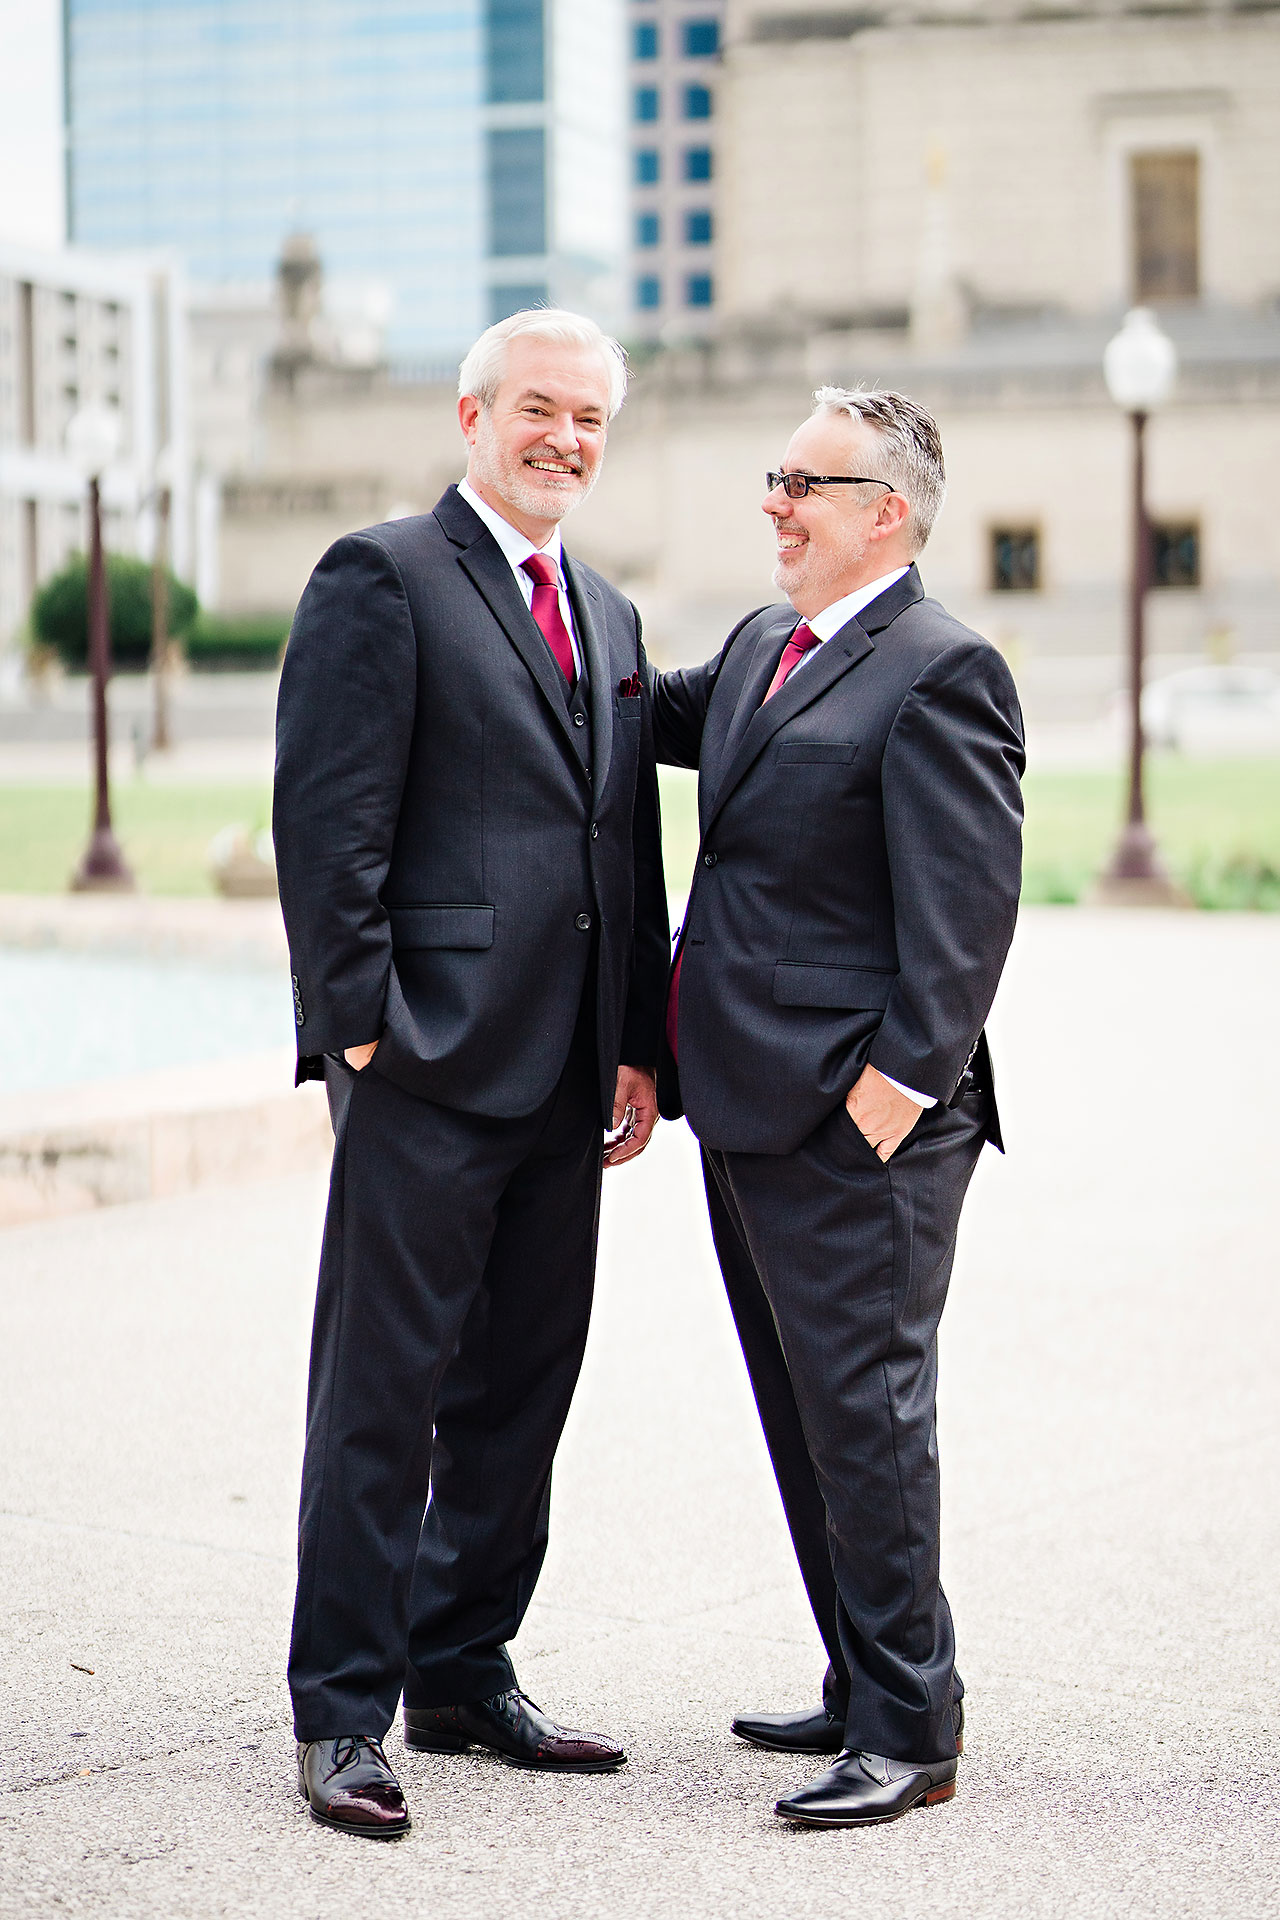 Kara Sean Fountain Square Theater Indianapolis Wedding 169